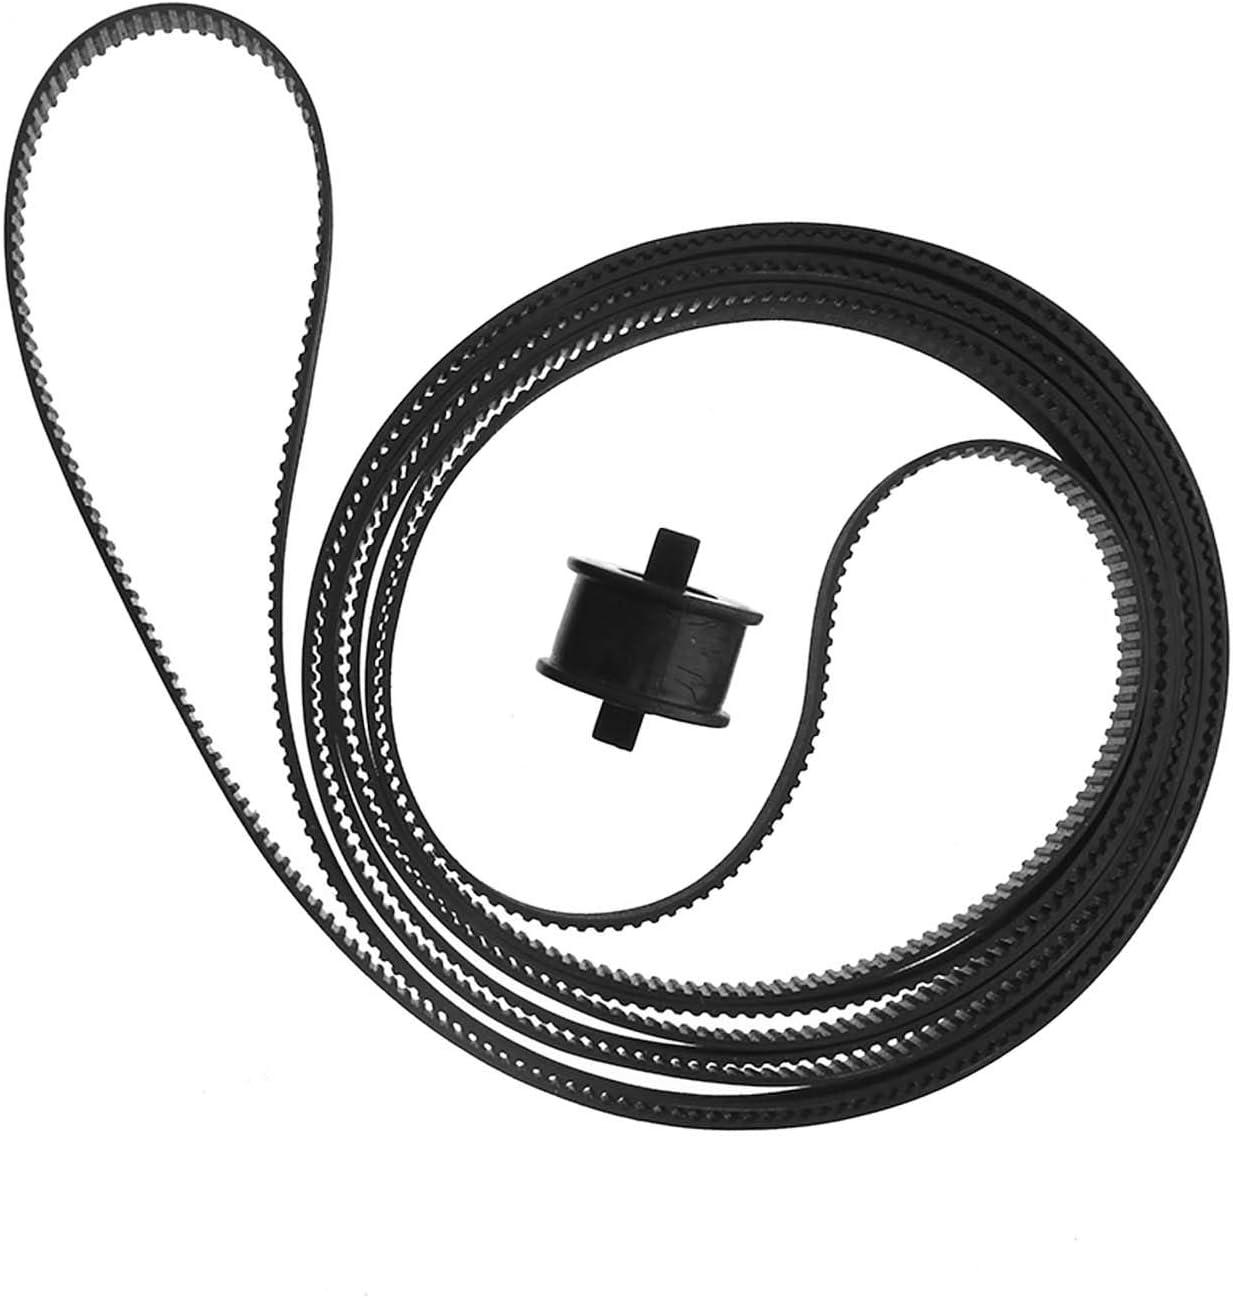 ENET - Cinturón de Repuesto para Carrito HP DesignJet 500 500PS 800 800PS C7769-60182: Amazon.es: Hogar